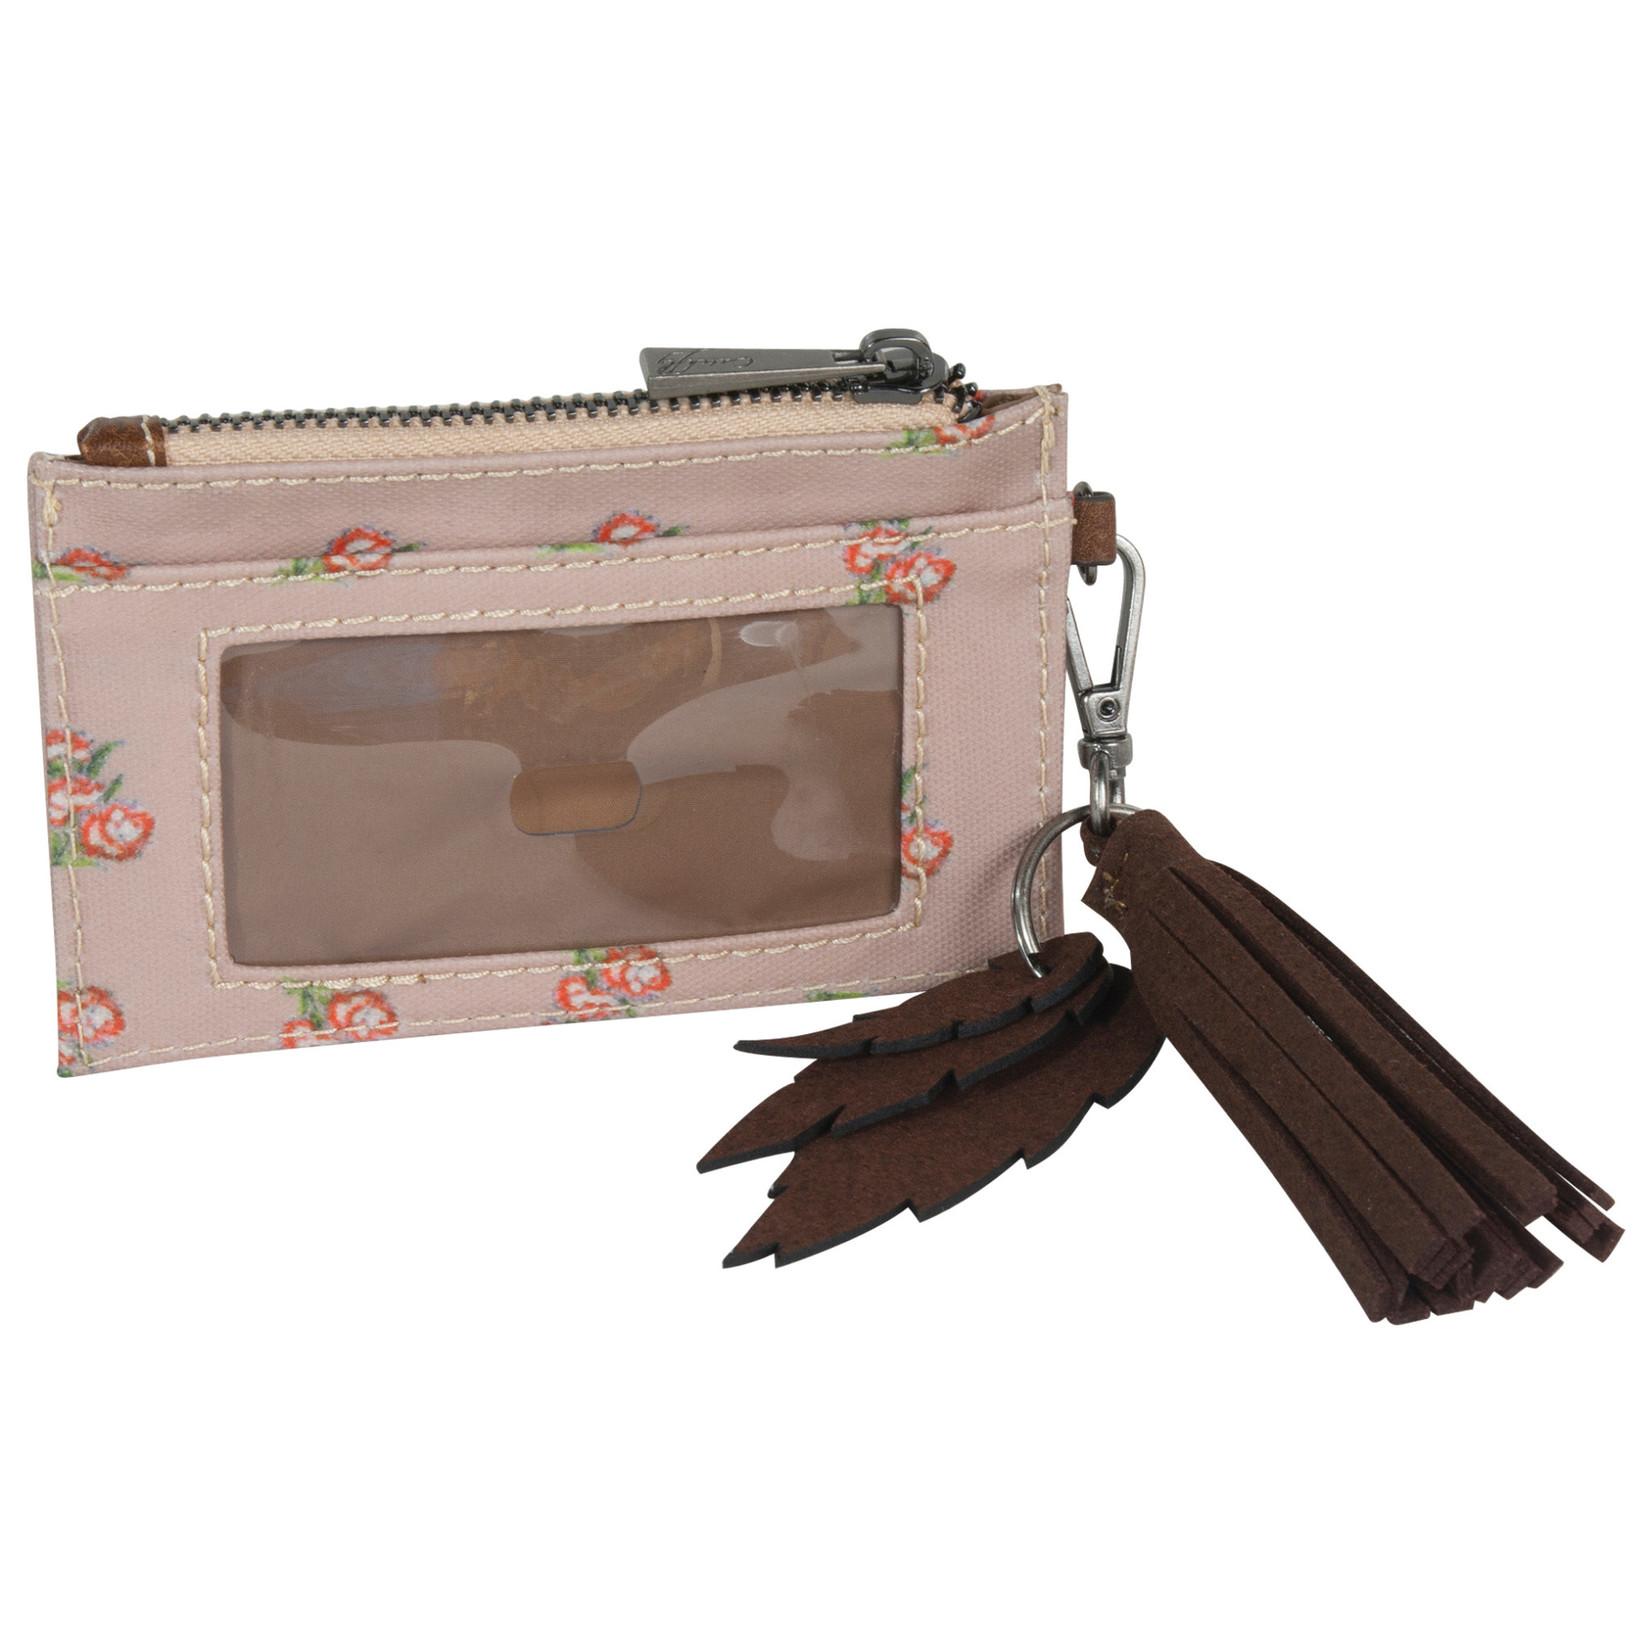 Catchfly 2025630W Catchfly Emily ID Wallet - Flower